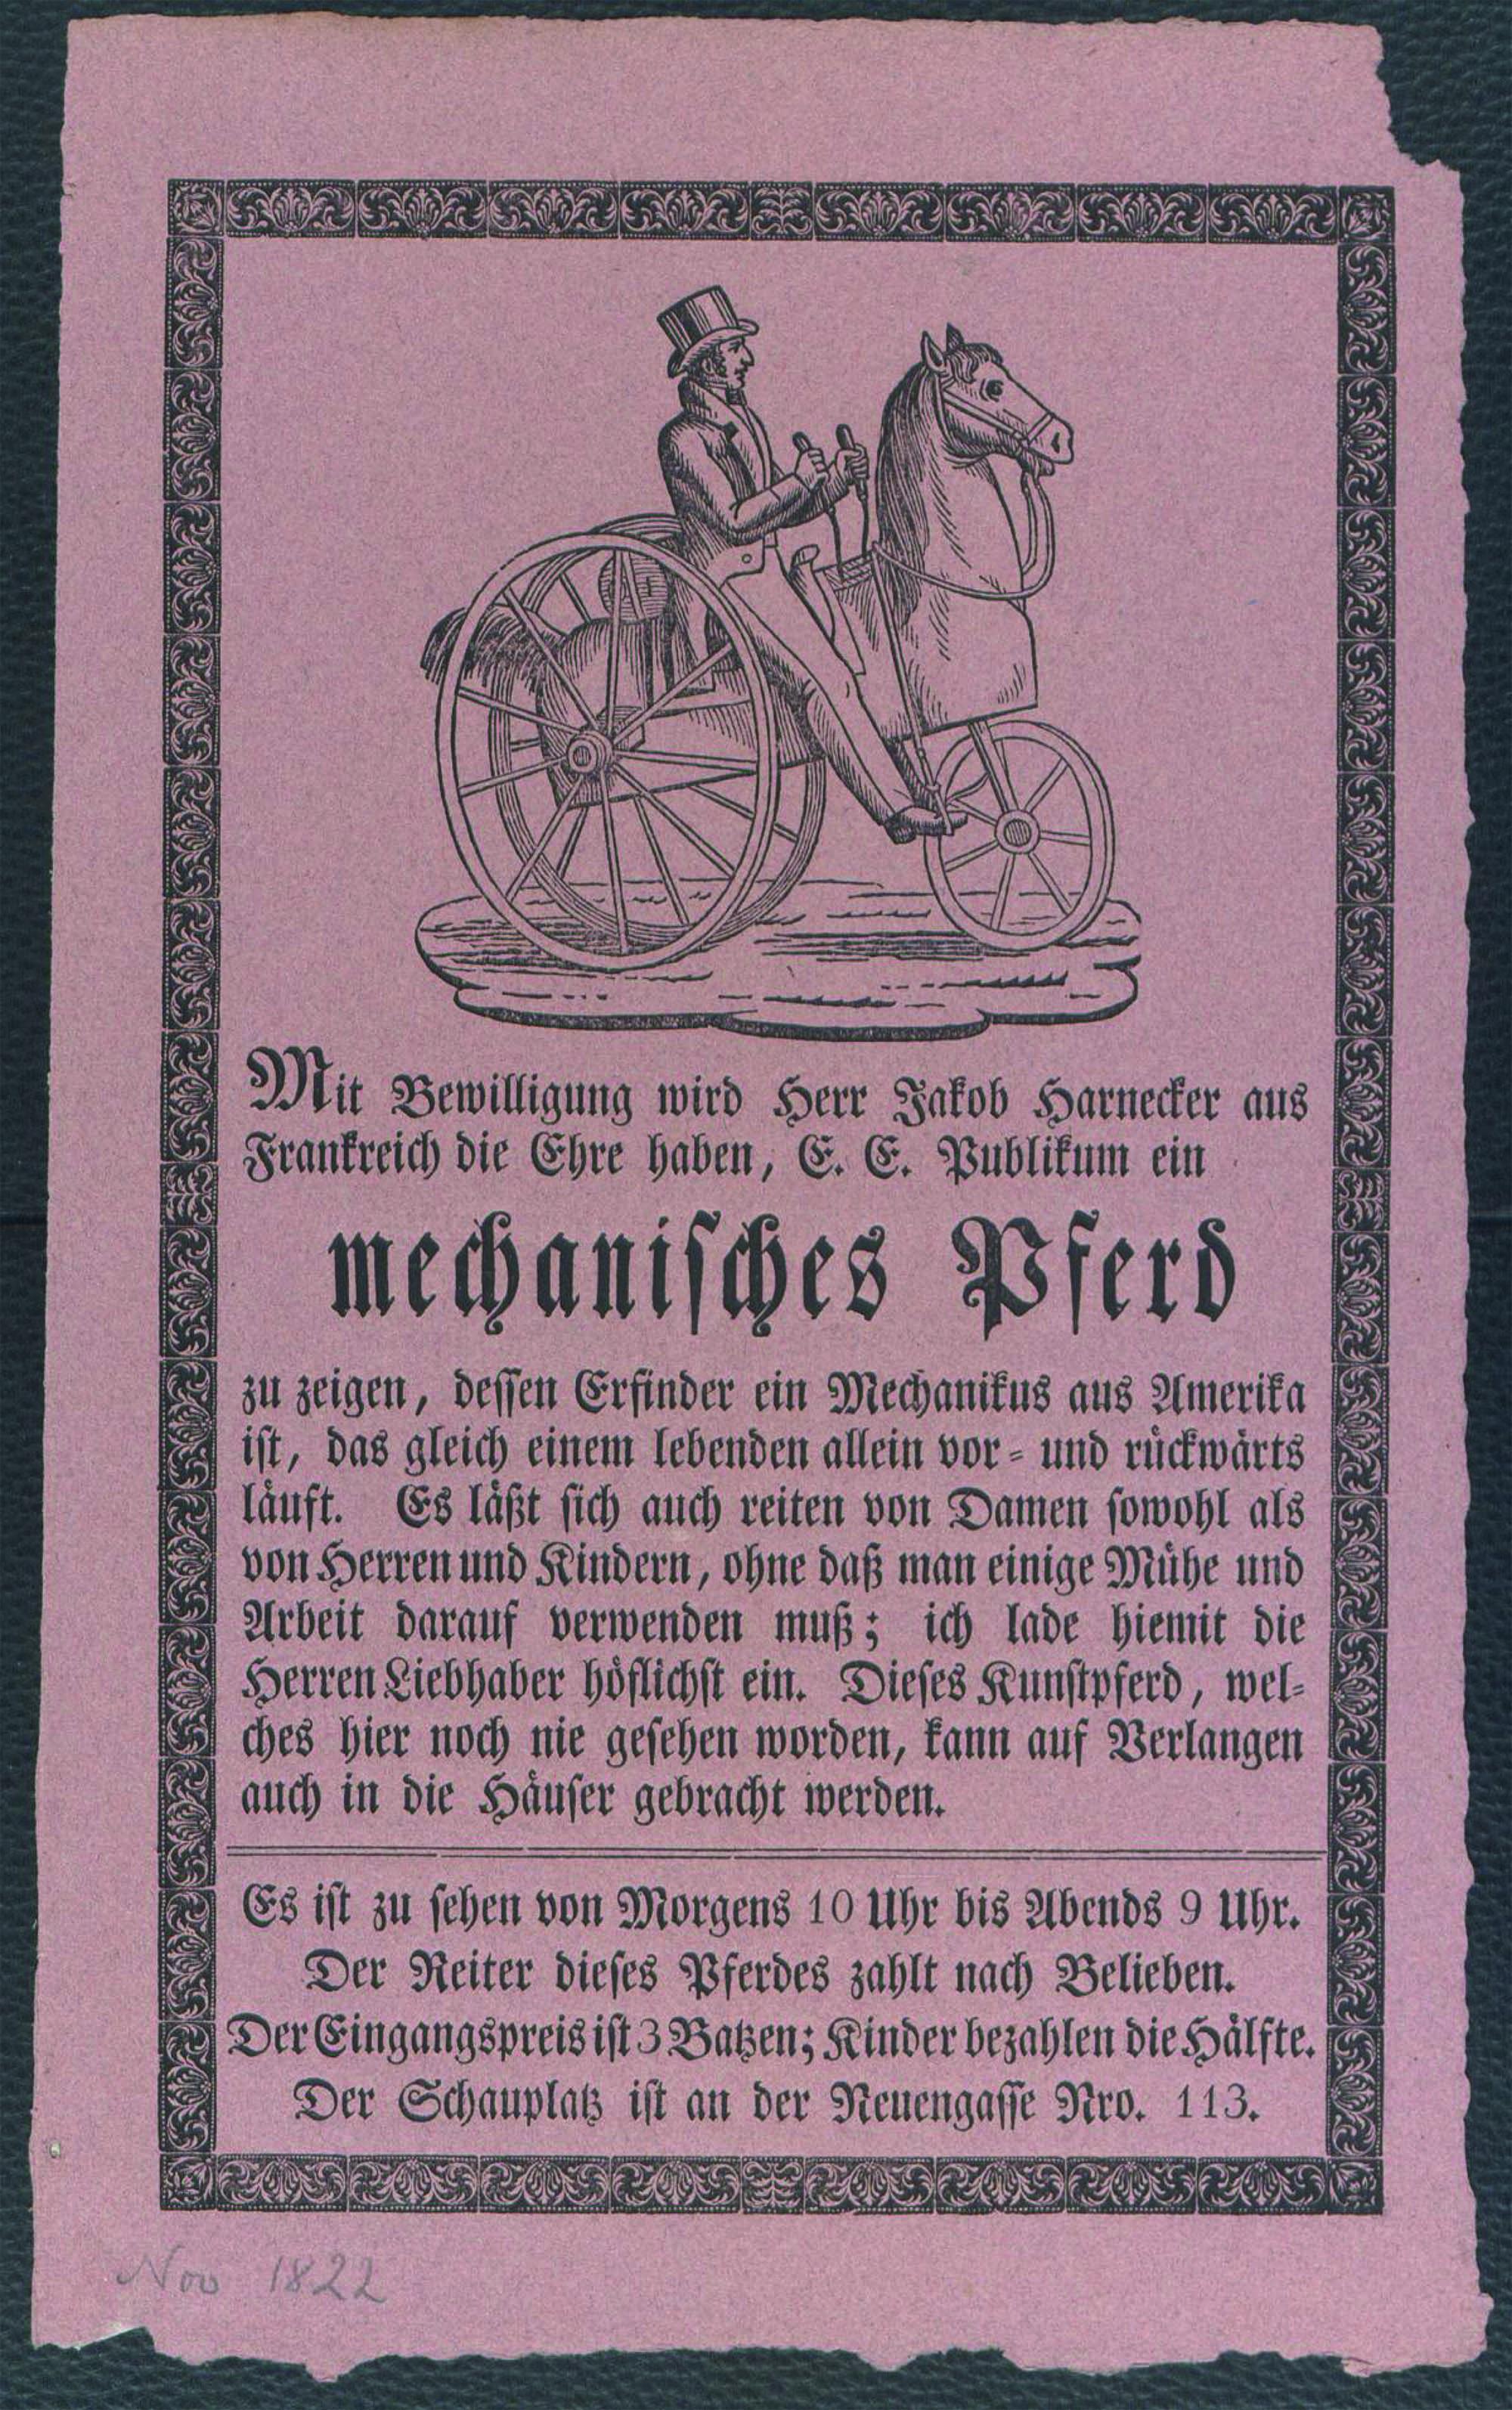 Jakob Harnecker zeigt ein mechanisches Pferd, das gleich einem lebenden allein vor und rückwärts läuft. Von Morgens 10 Uhr bis Abends 9 Uhr an der Neuengasse Nr. 113, 1822. Sammlung Druckbelege Haller, © Universitätsbibliothek Bern.